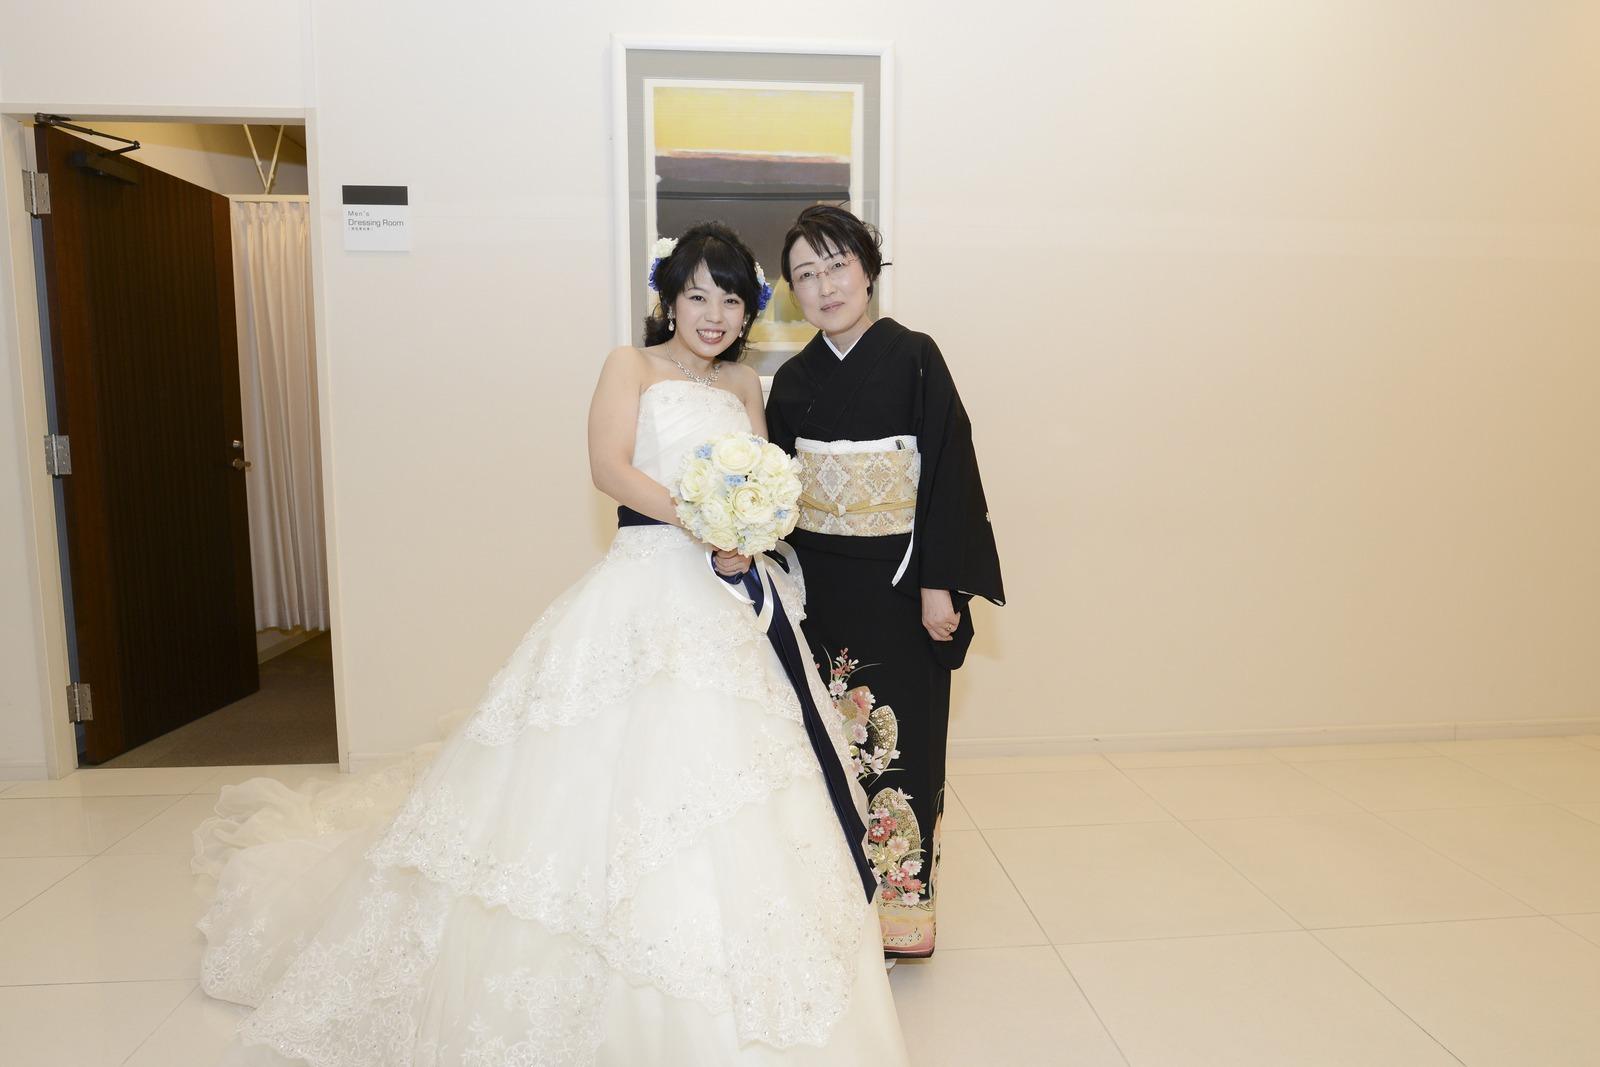 徳島市の結婚式場ブランアンジュでお母様と記念撮影